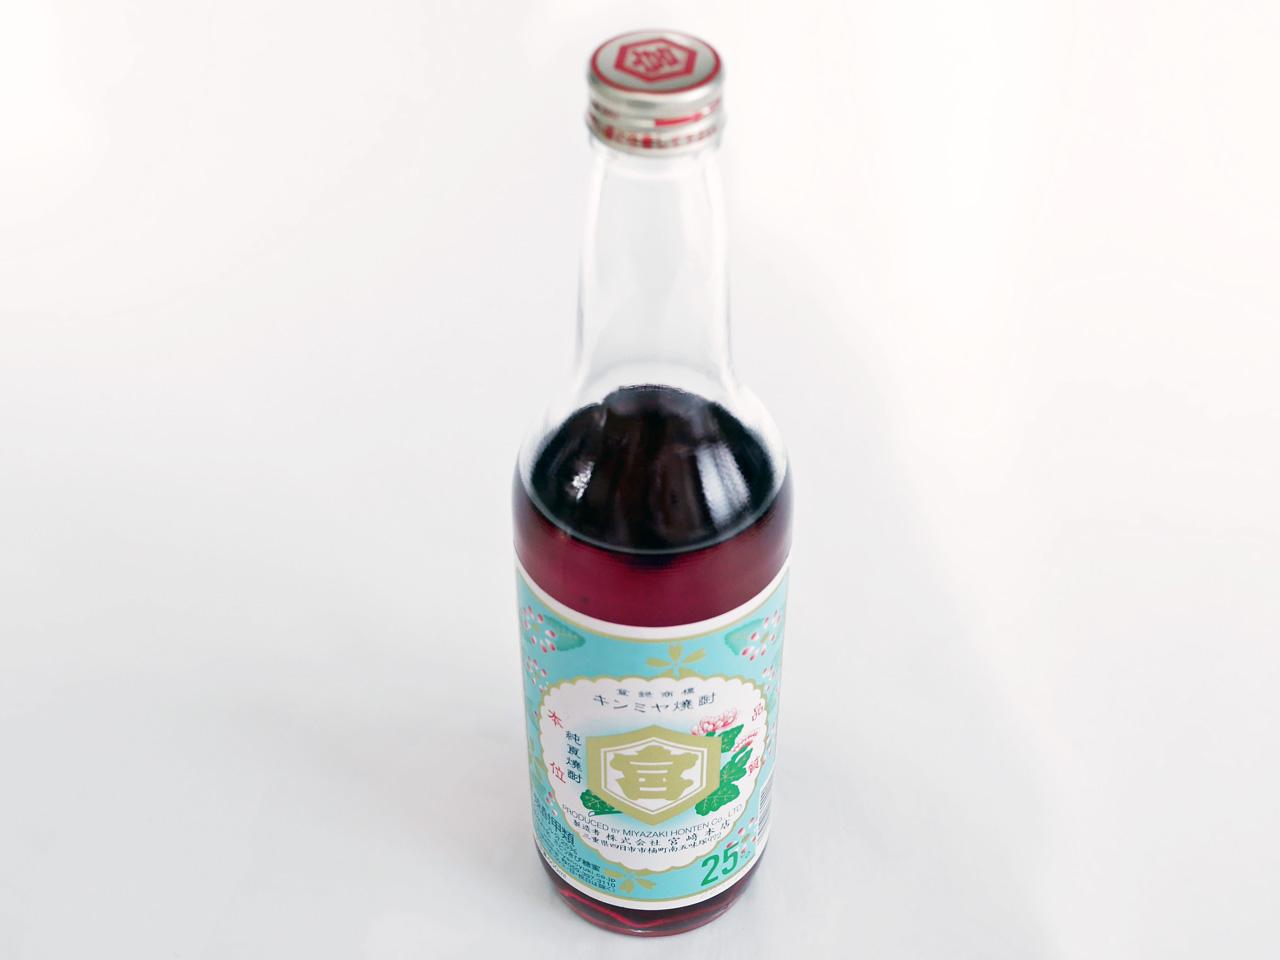 梅酢は茶こしで濾してビンに入れて冷蔵保存